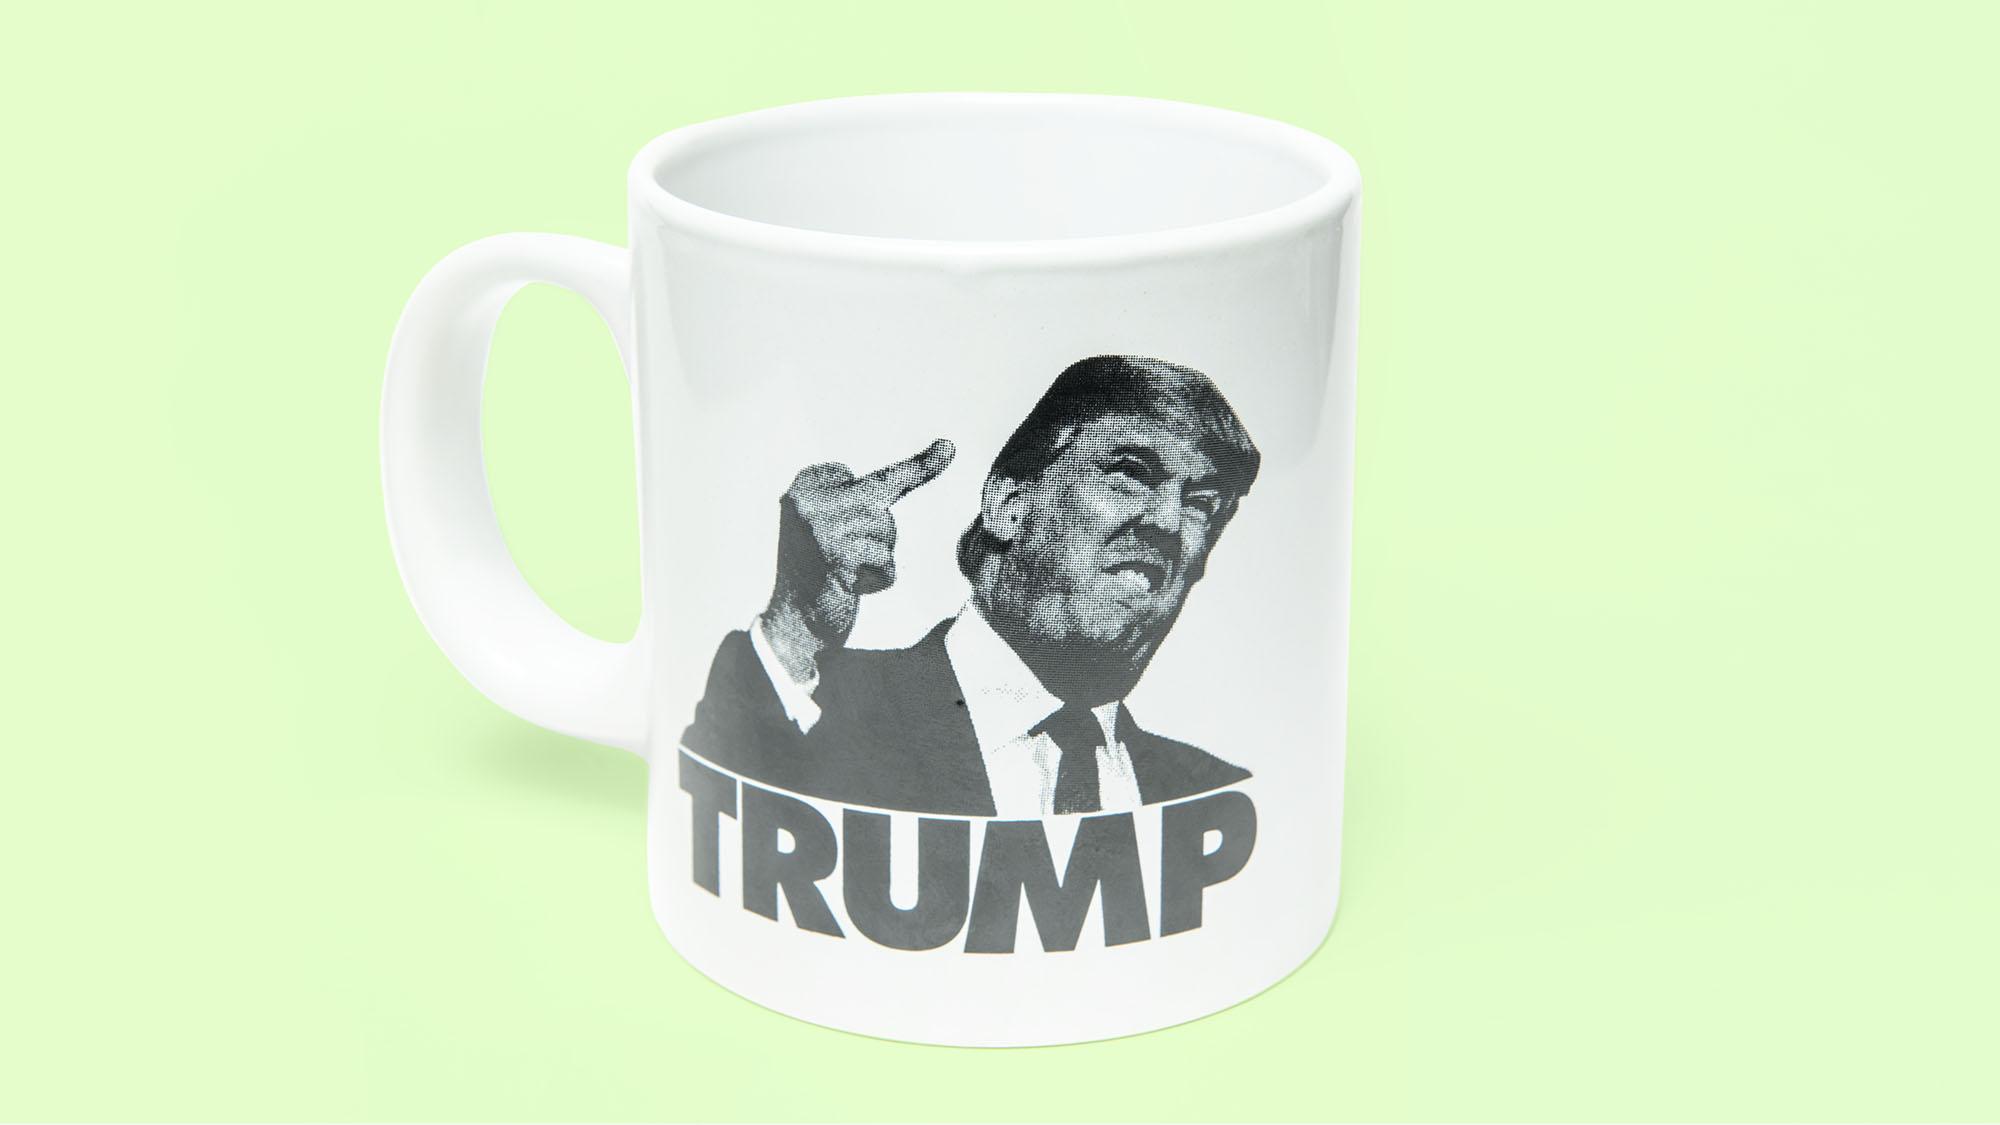 Trump's gadget